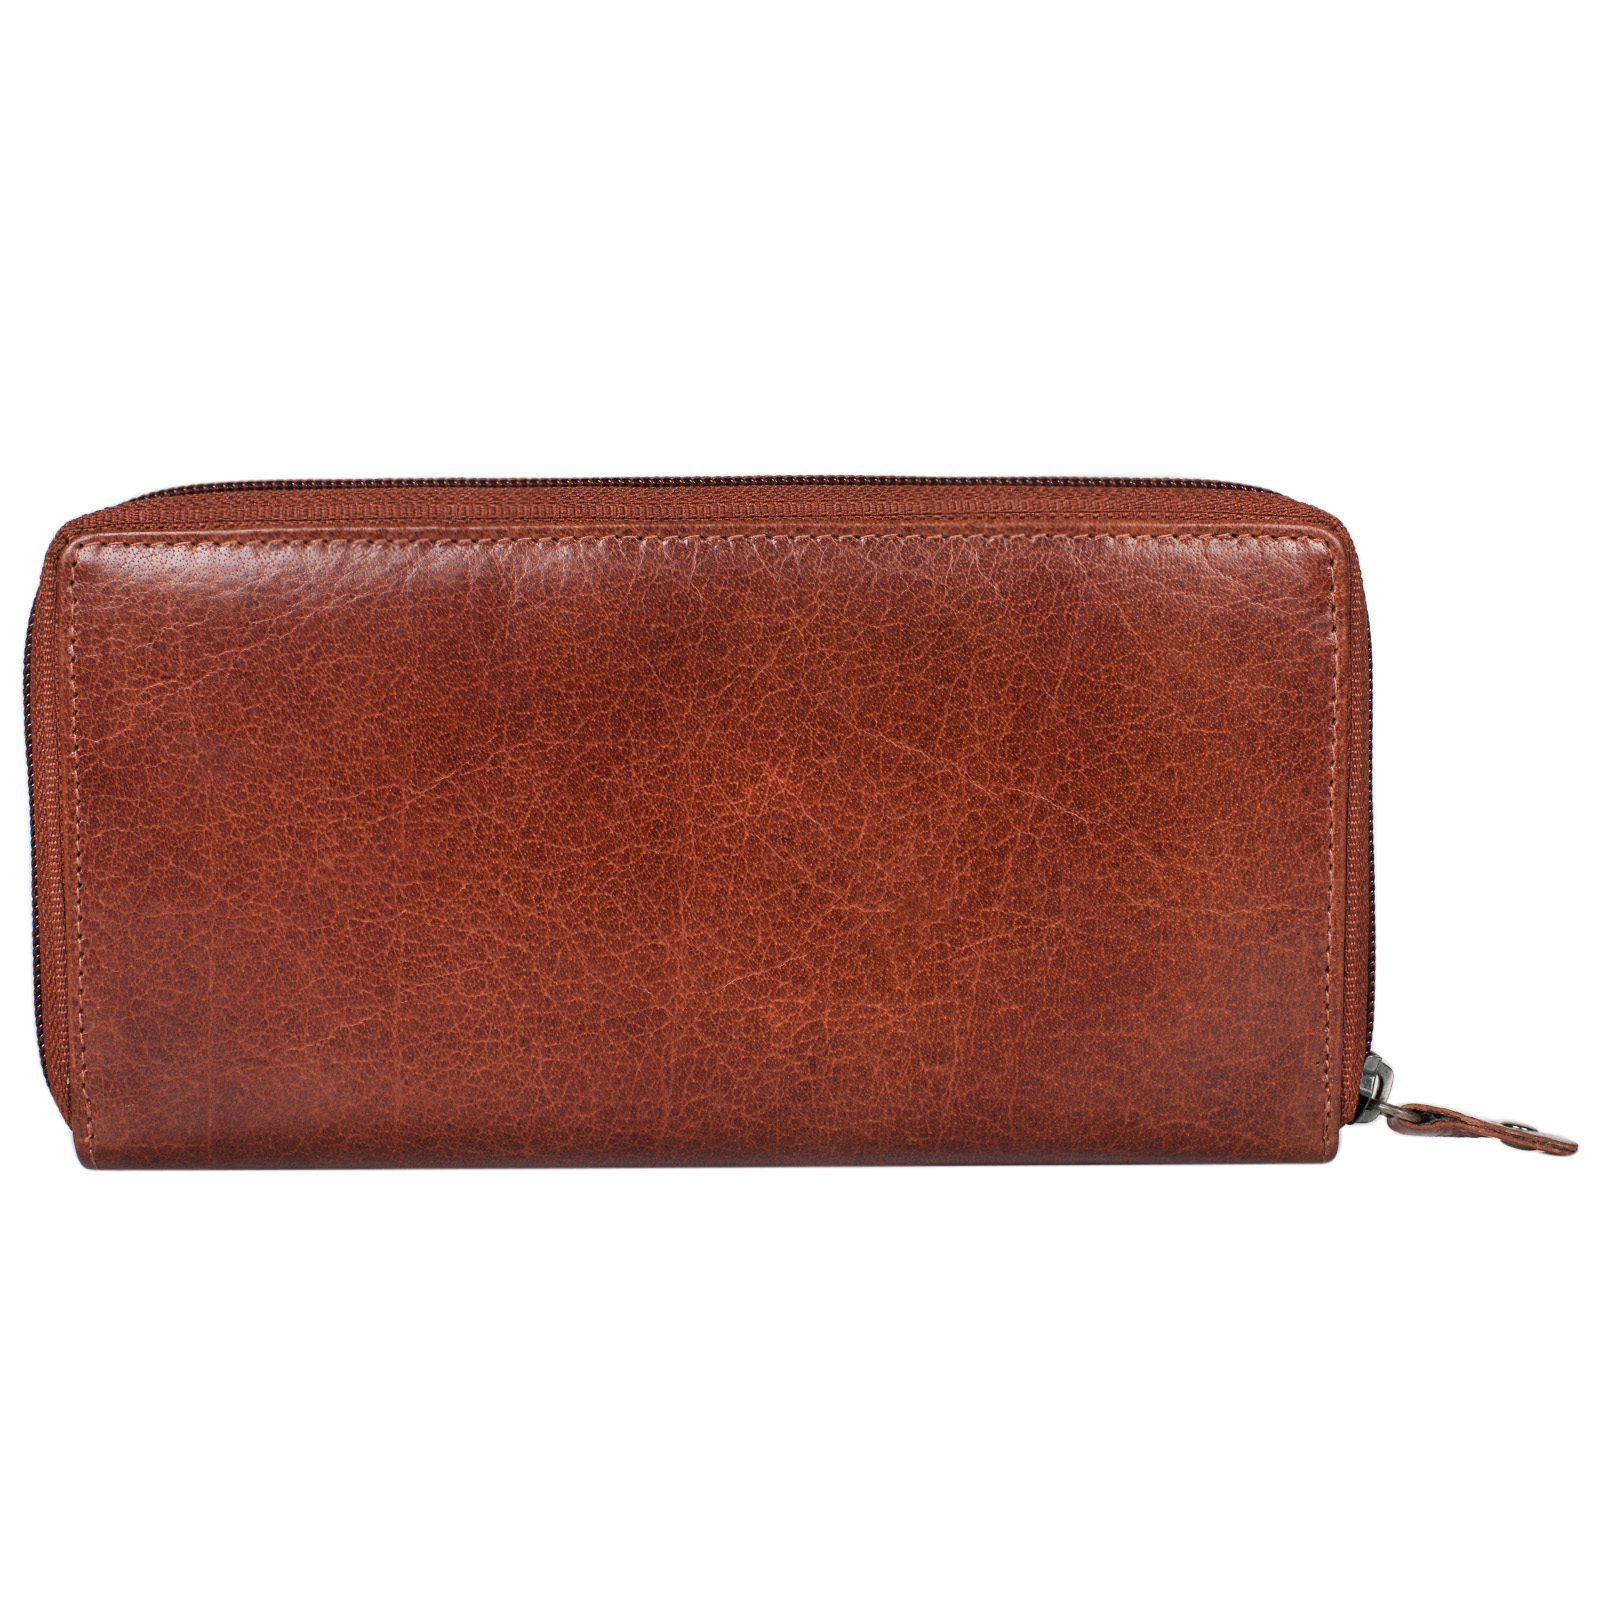 """STILORD """"Dana"""" Damen Geldbörse lang Leder Vintage Portemonnaie im Querformat große Brieftasche mit Reißverschluss für Kleingeld EC-Karten echtes Rindsleder - Bild 7"""